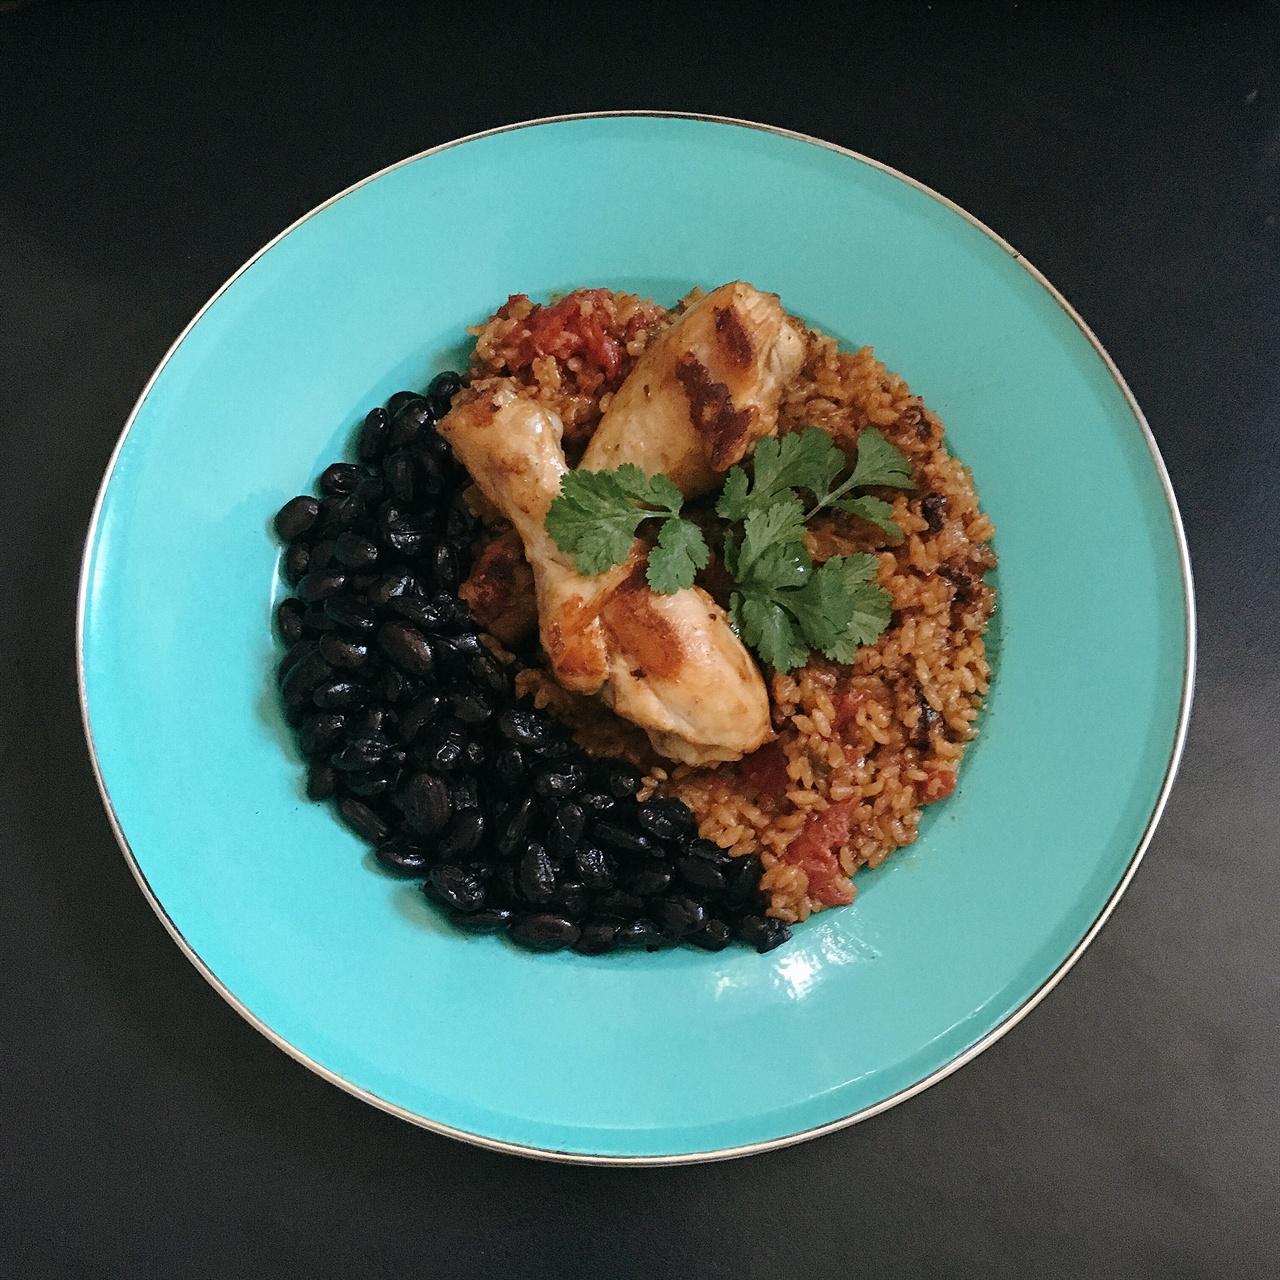 아로스 꼰 뽀요와 쿠바식 검은콩 요리